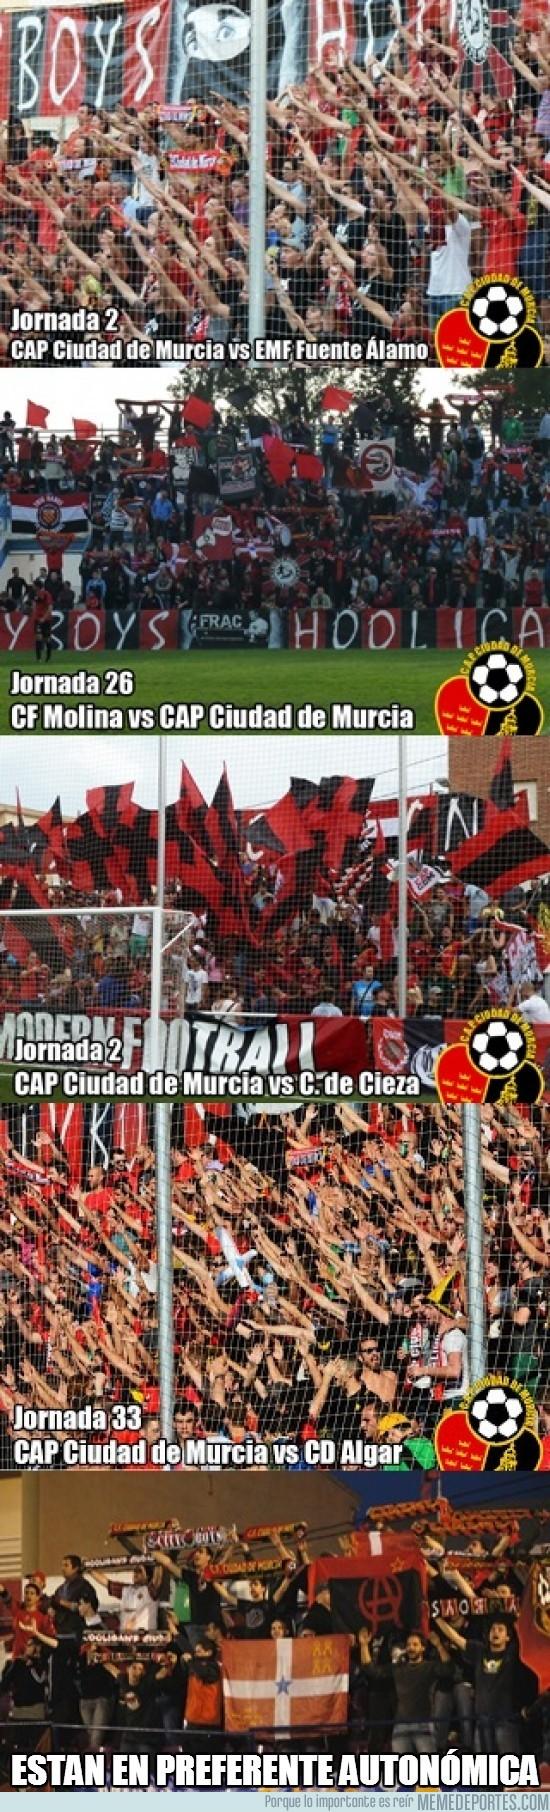 201869 - Ya podrían ser todas las aficiones como el CAP Ciudad de Murcia